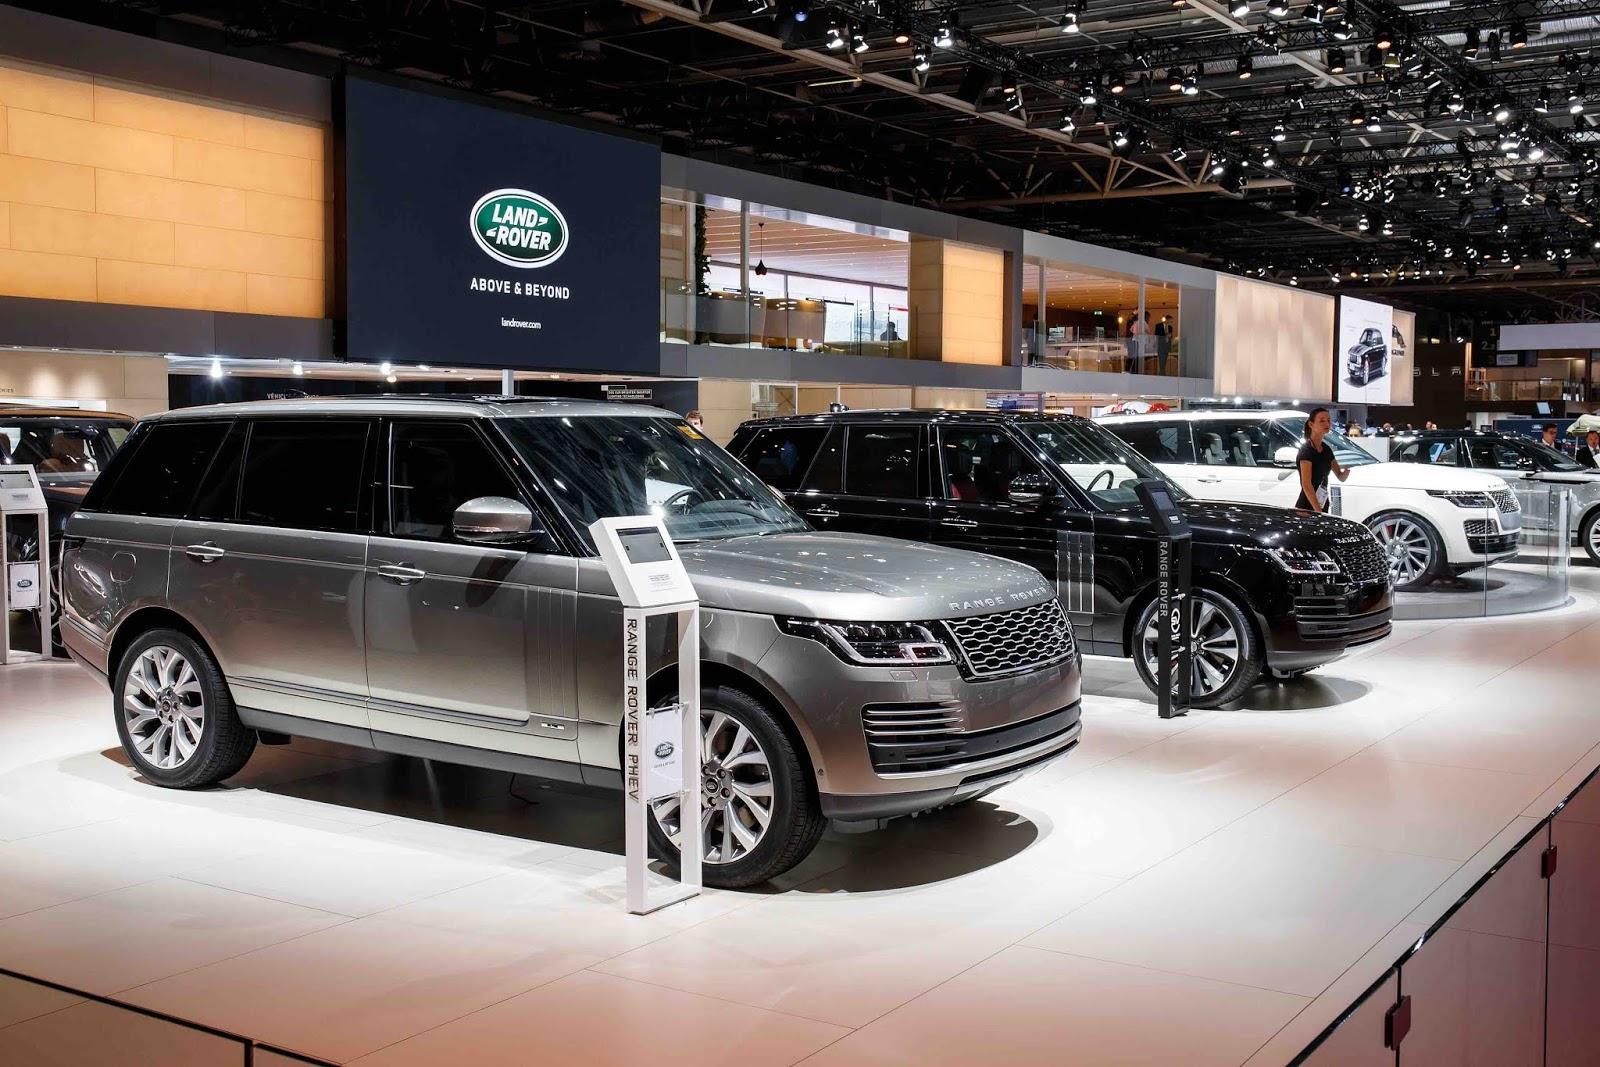 Jaguar Land Rover Tại Triễn Lãm Motor Show Paris 2018 Các Mẫu Xe 2019